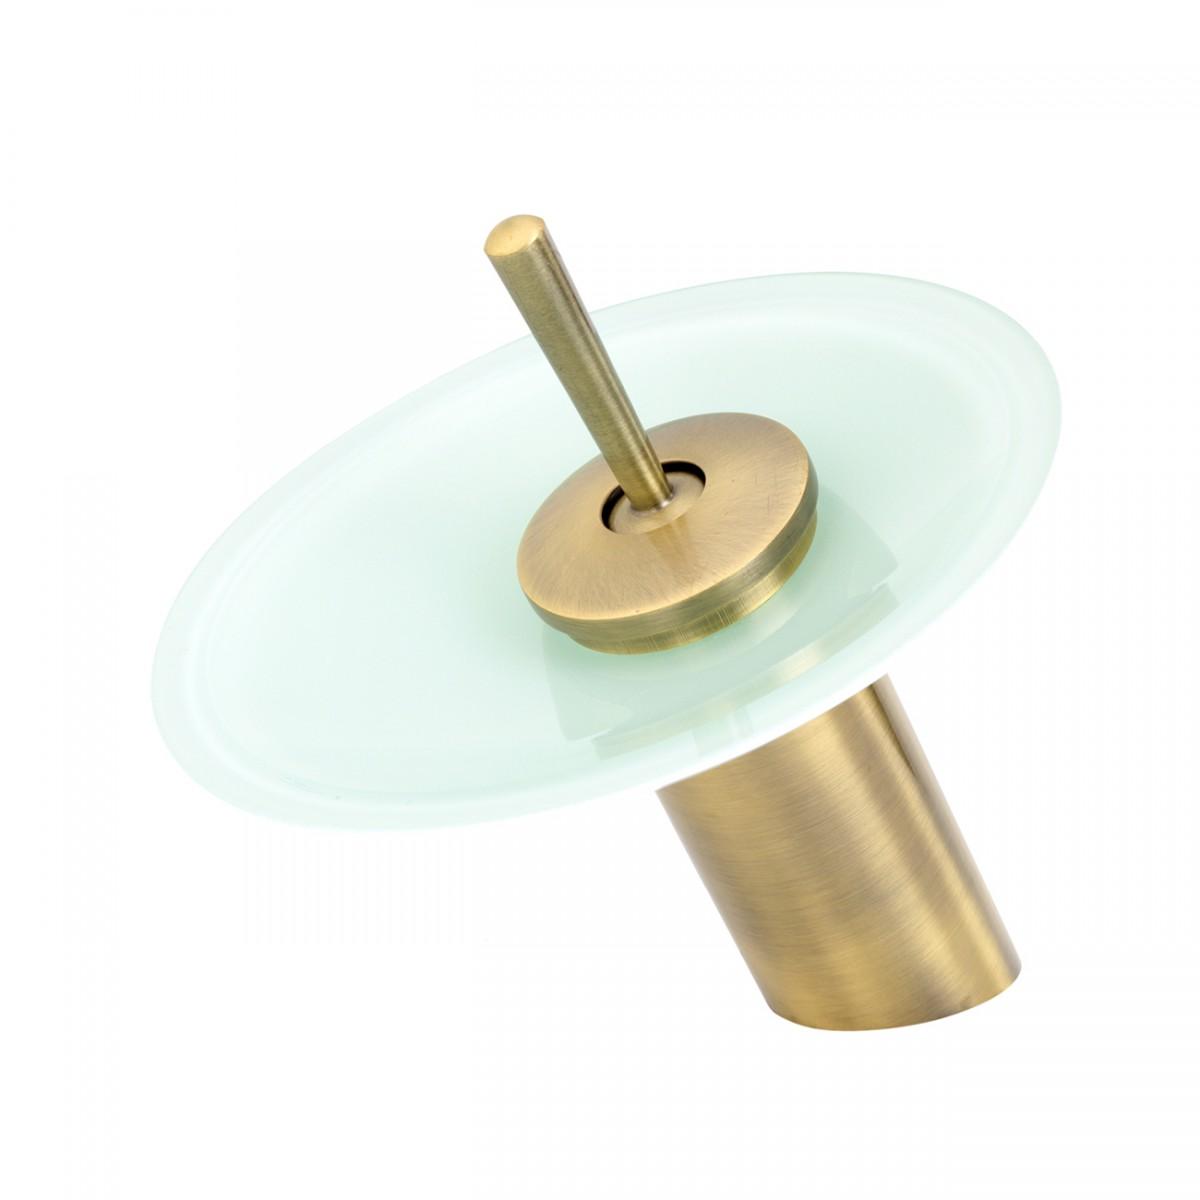 Cast Antique Brass Waterfall Faucet Teal Green 7\